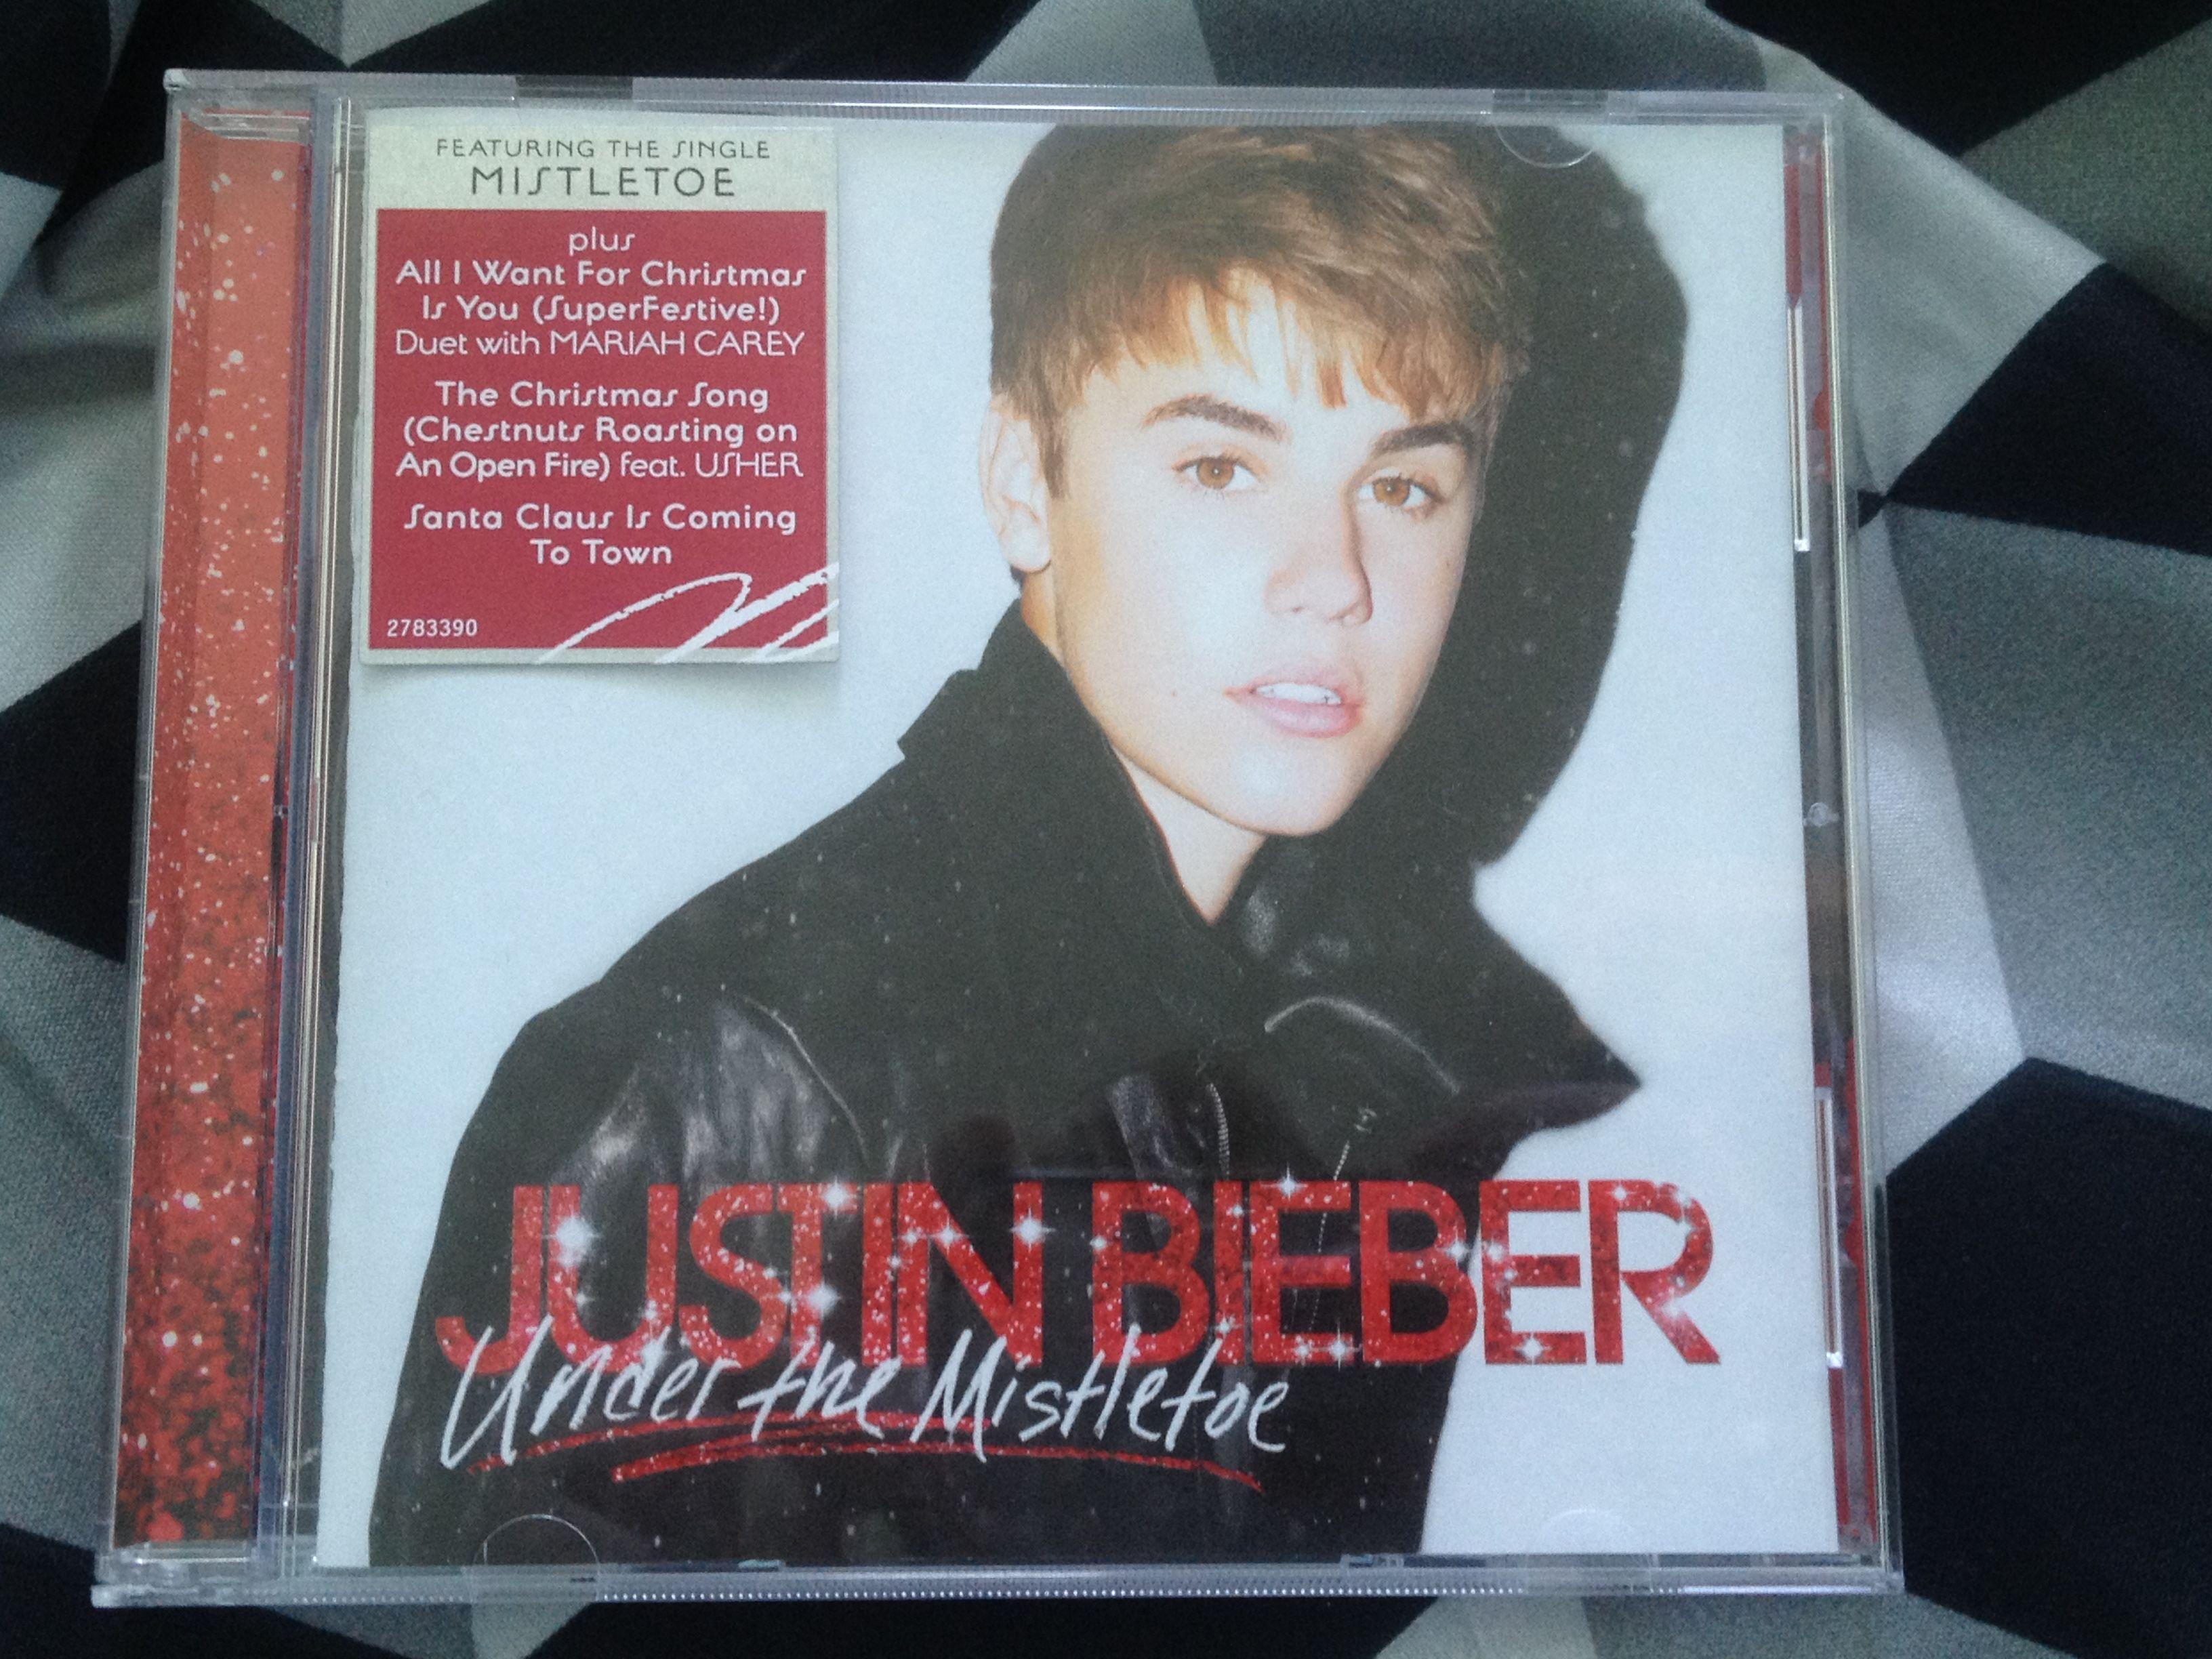 Justin Bieber - Under the Mistletoe CD Album | Cd | Pinterest | Cd album